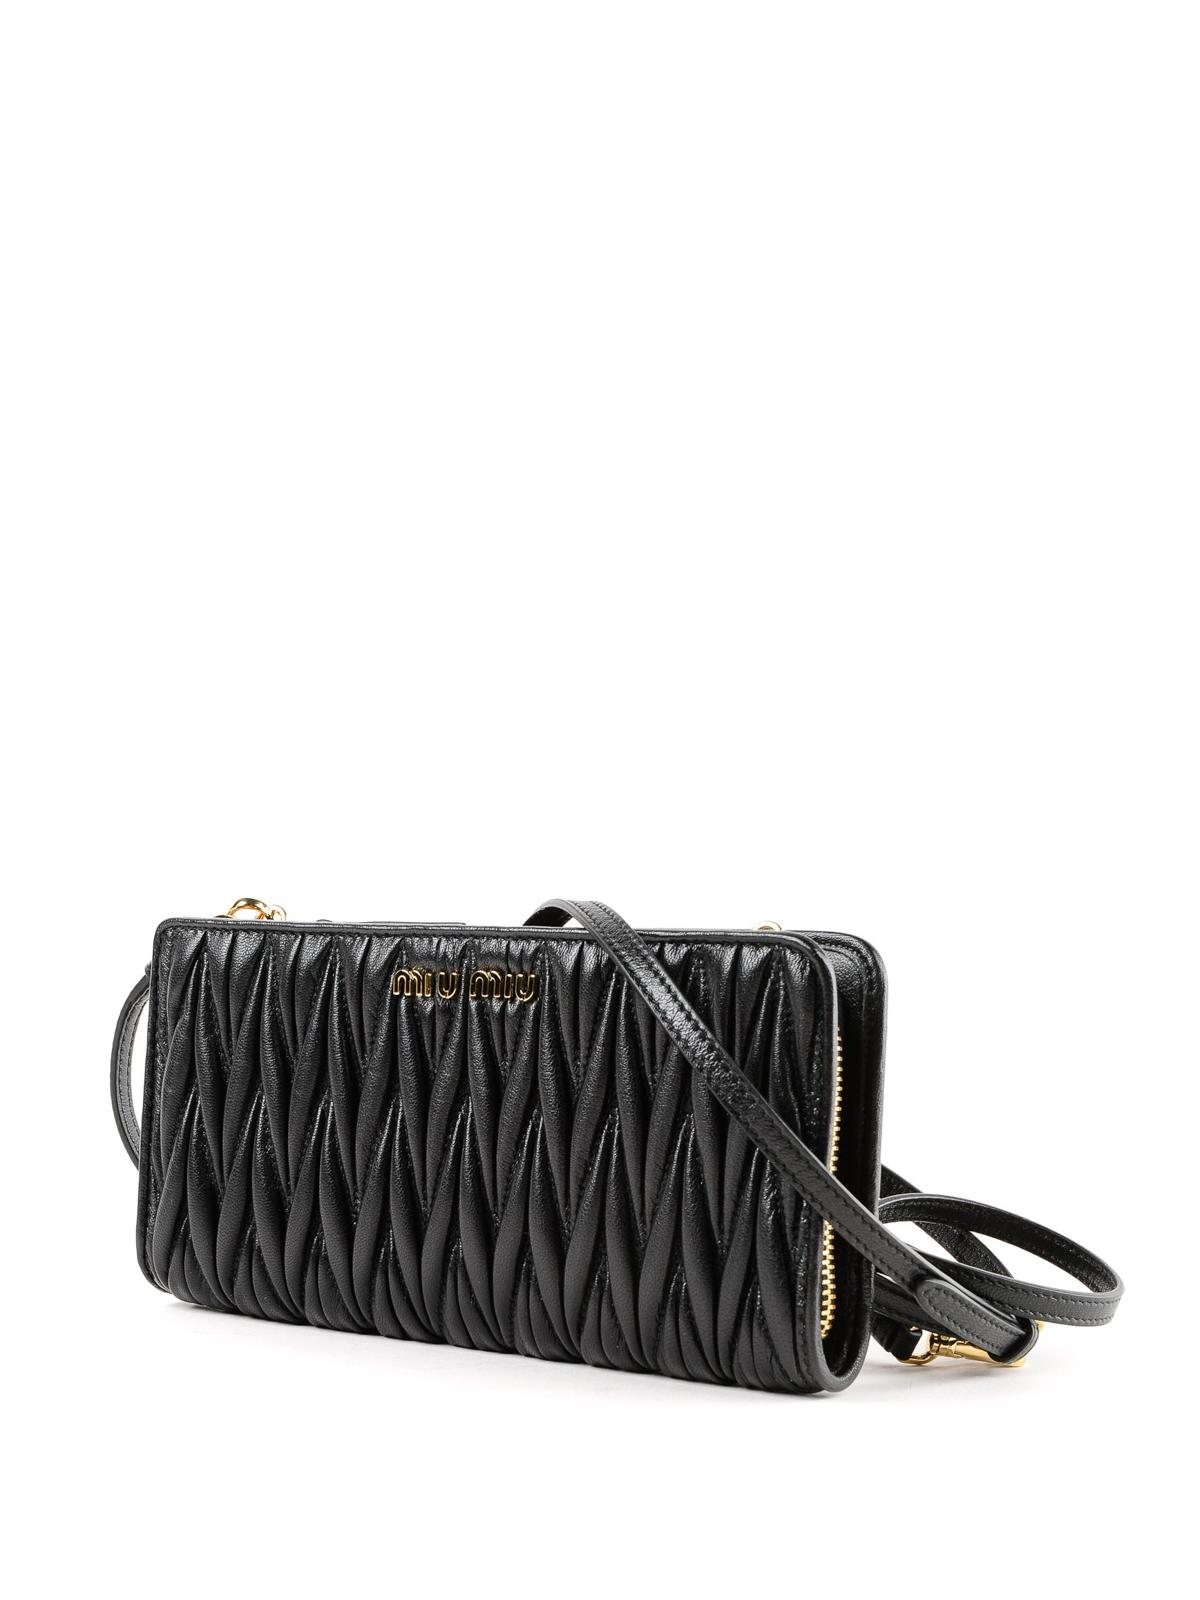 MIU MIU  wallets   purses online - Matelassé leather wallet with shoulder  strap a715229a1cd03